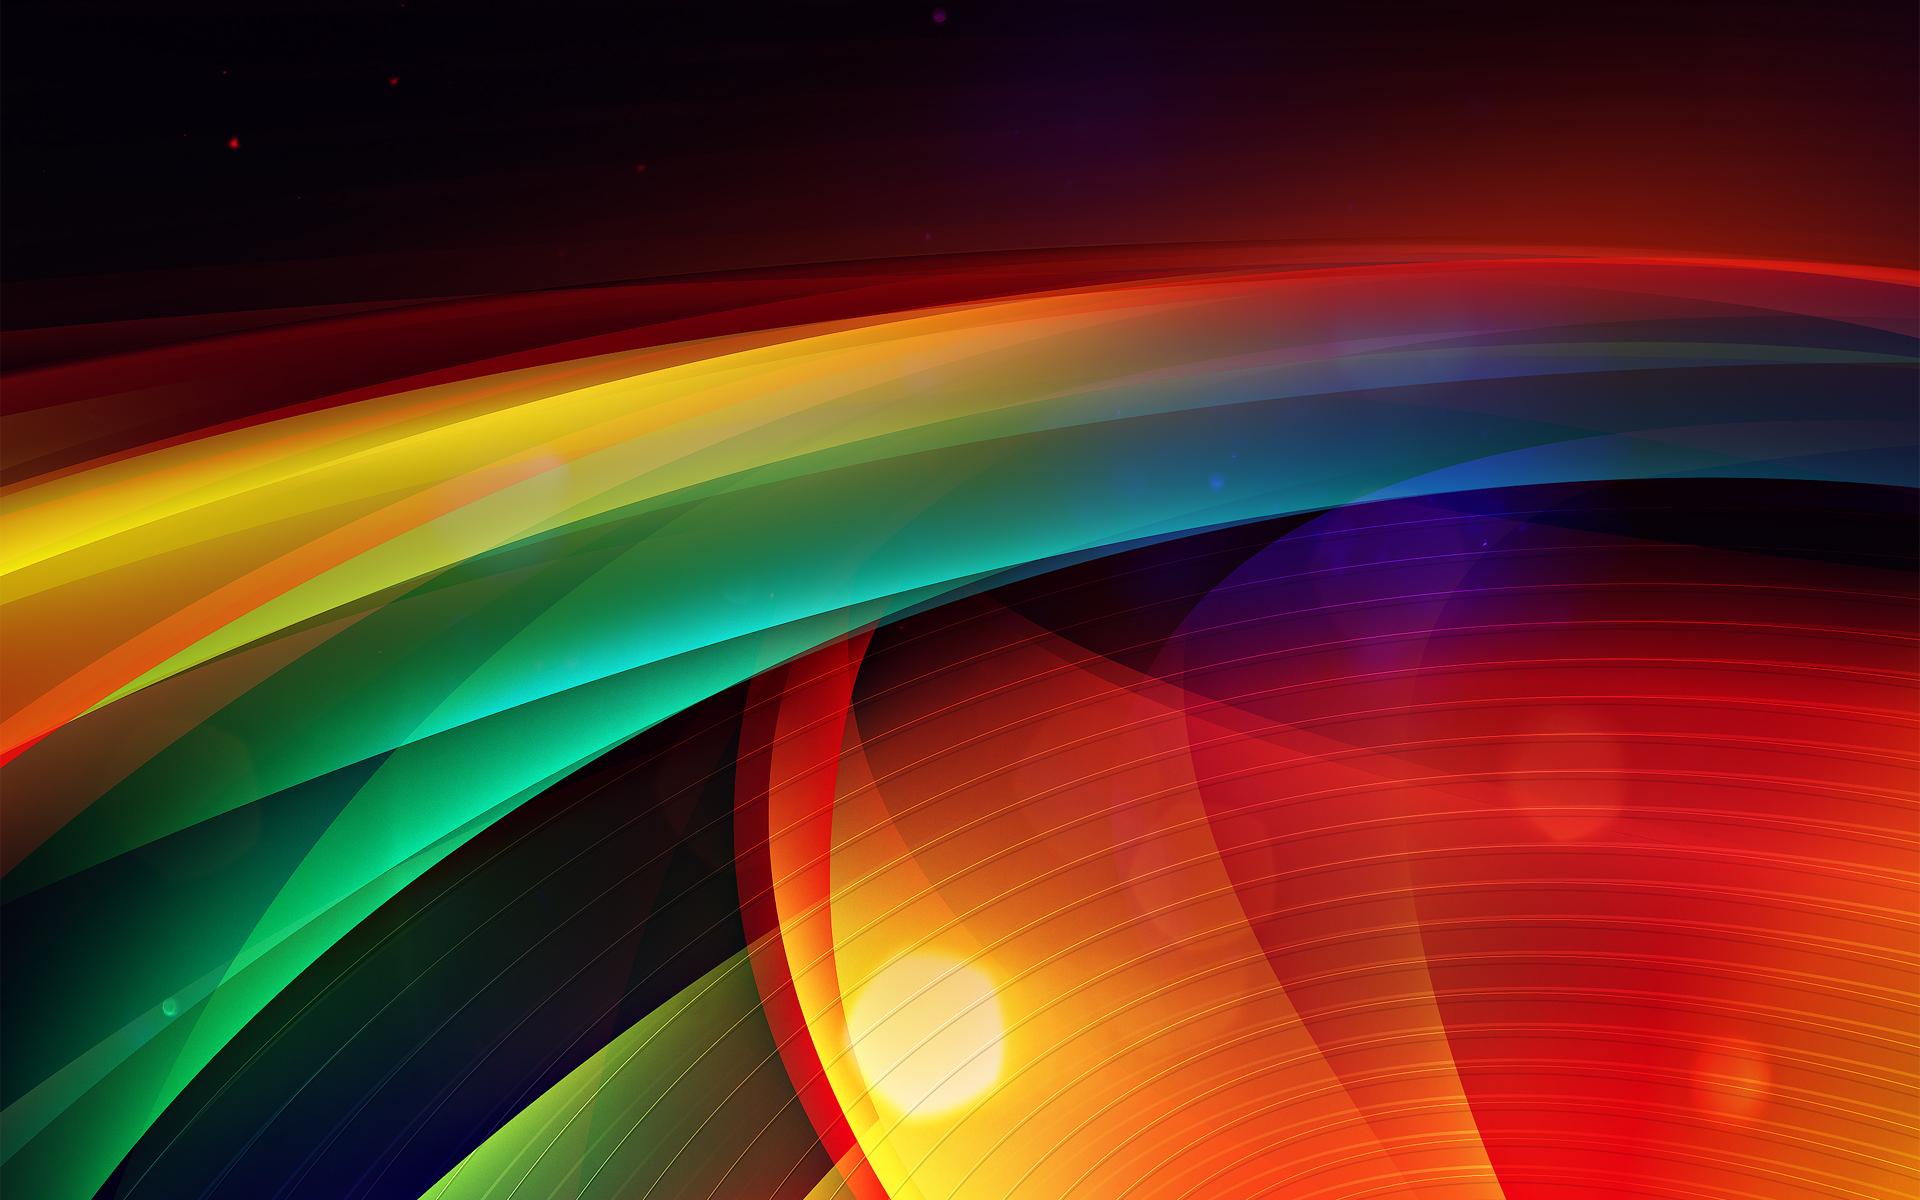 Hd Tractor Desktop Wallpapers: 1080P HD Desktop Wallpaper